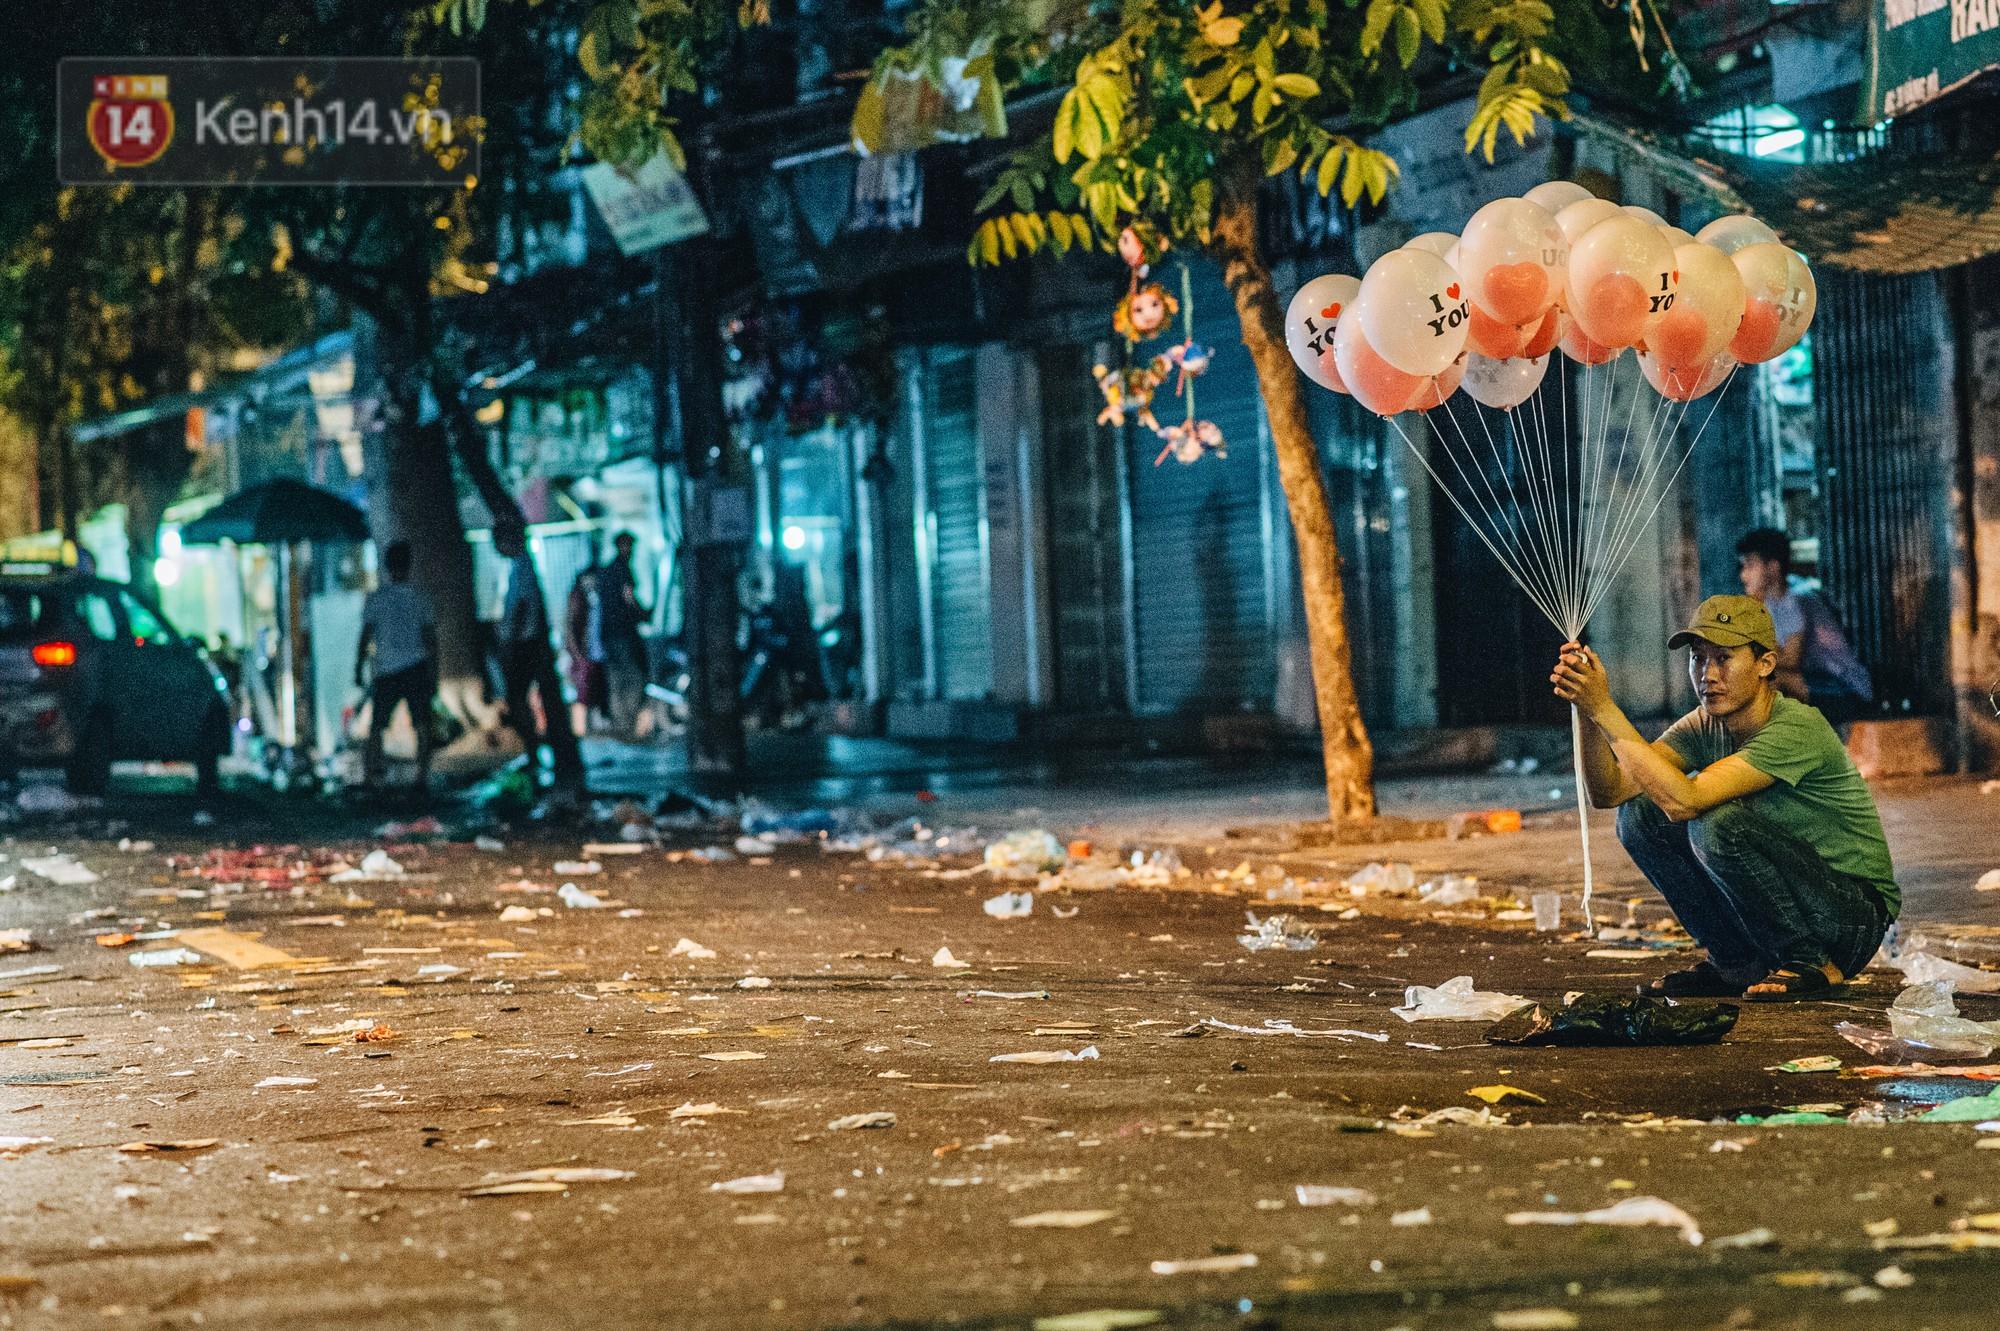 Sau Trung Thu, chợ truyền thống ở Hà nội ngập trong rác thải - Ảnh 7.